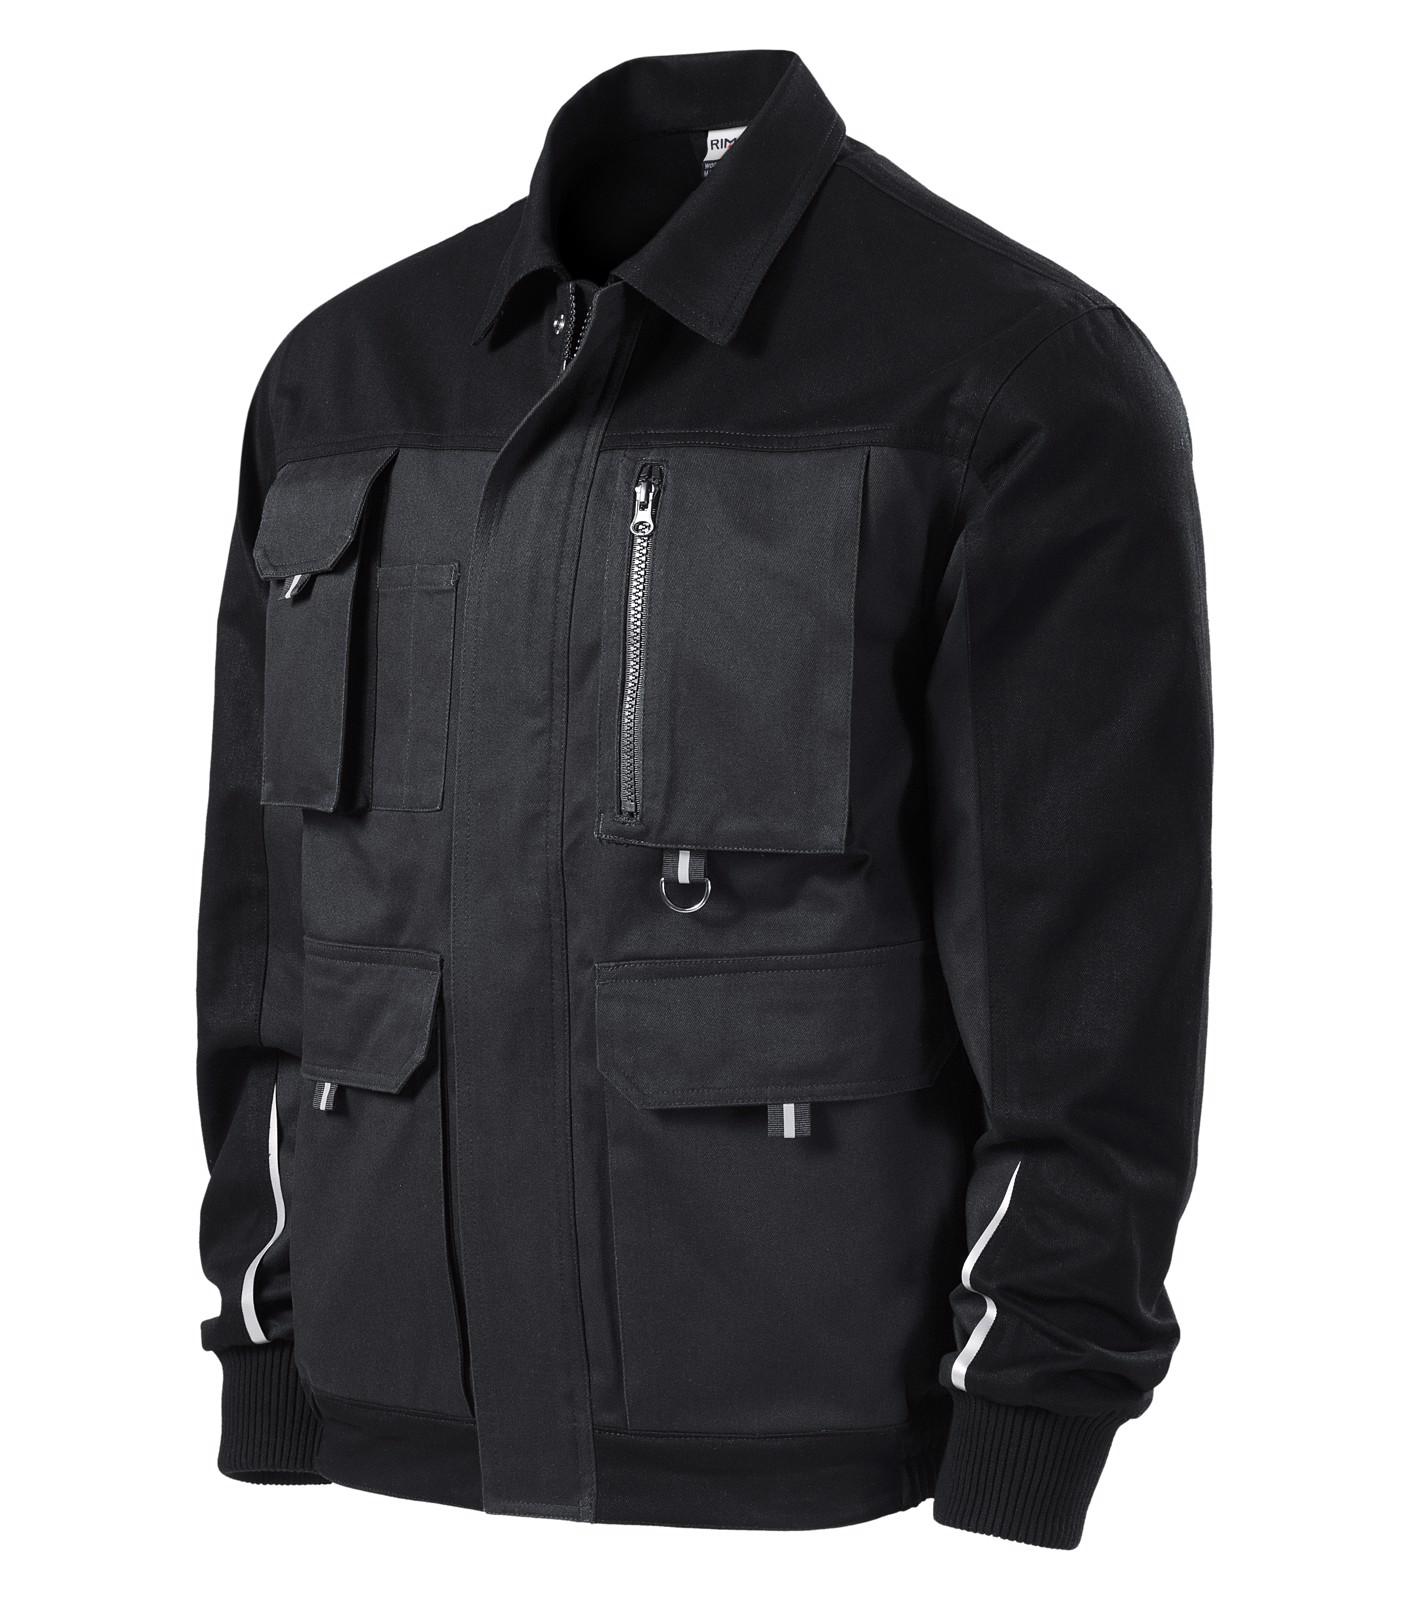 Pracovní bunda pánská Rimeck Woody - Ebony Gray / S